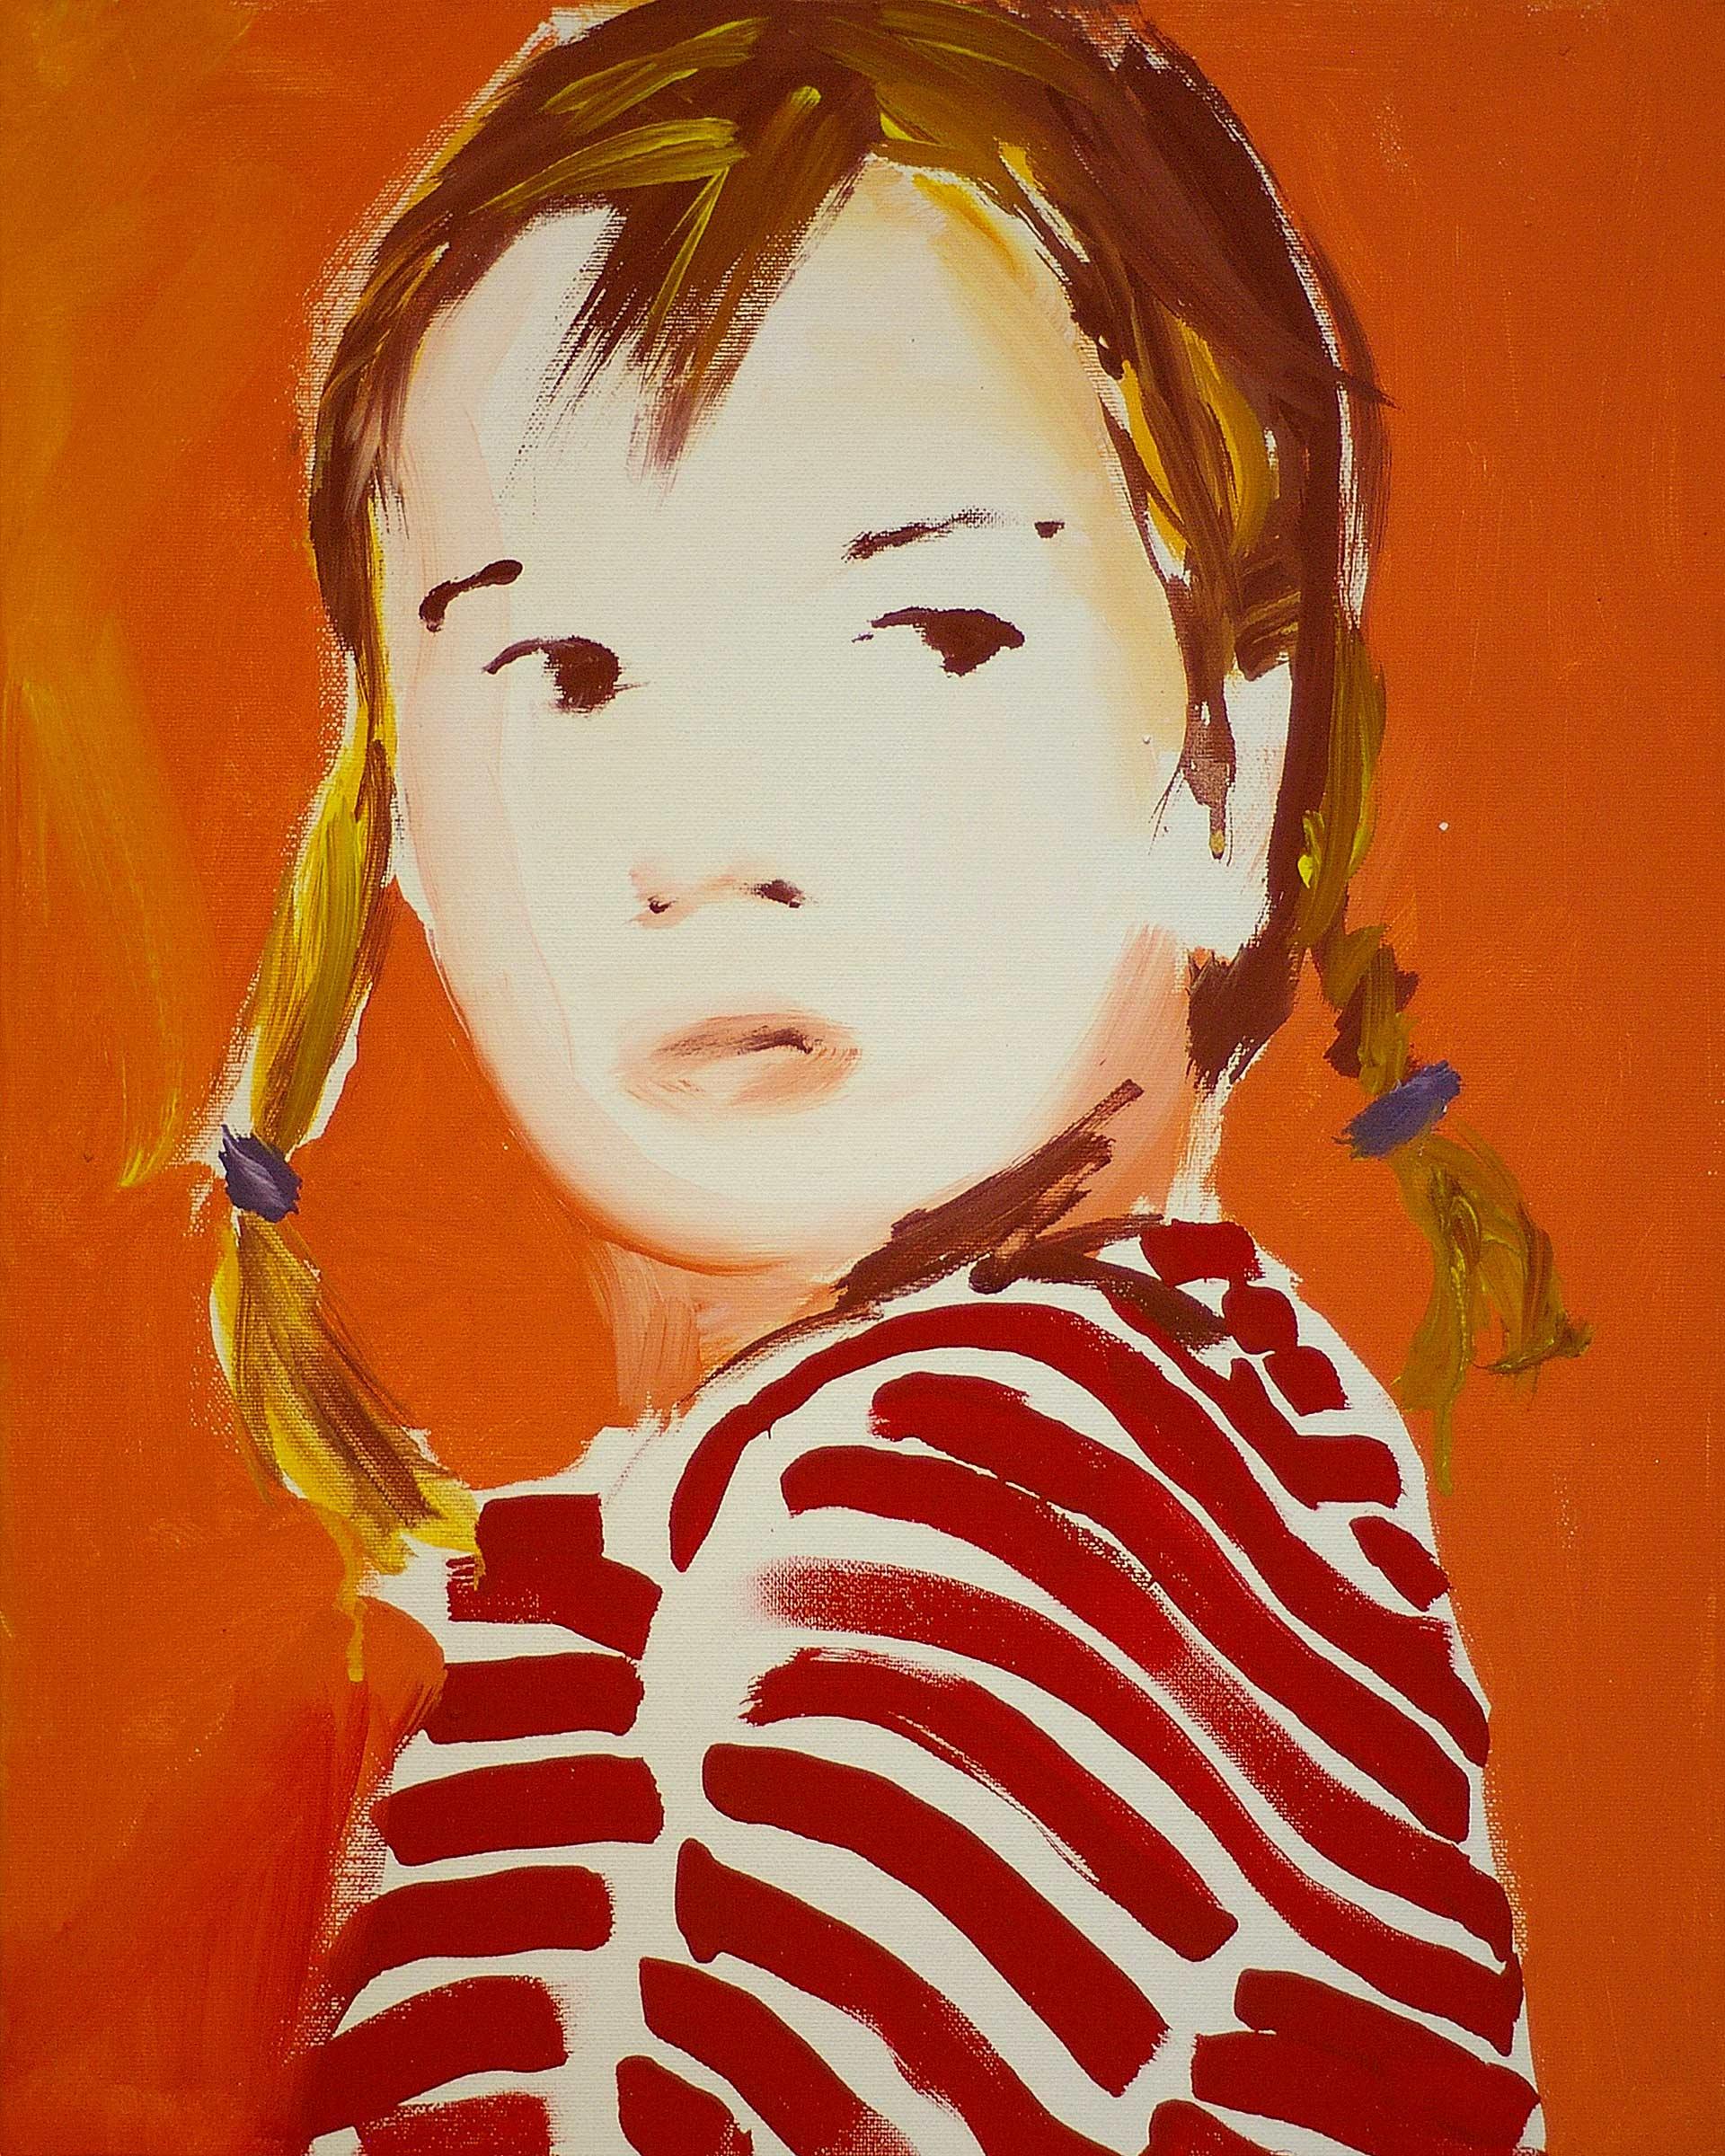 UP1111 2011, acrylic on canvas, cm. 50 x 40.